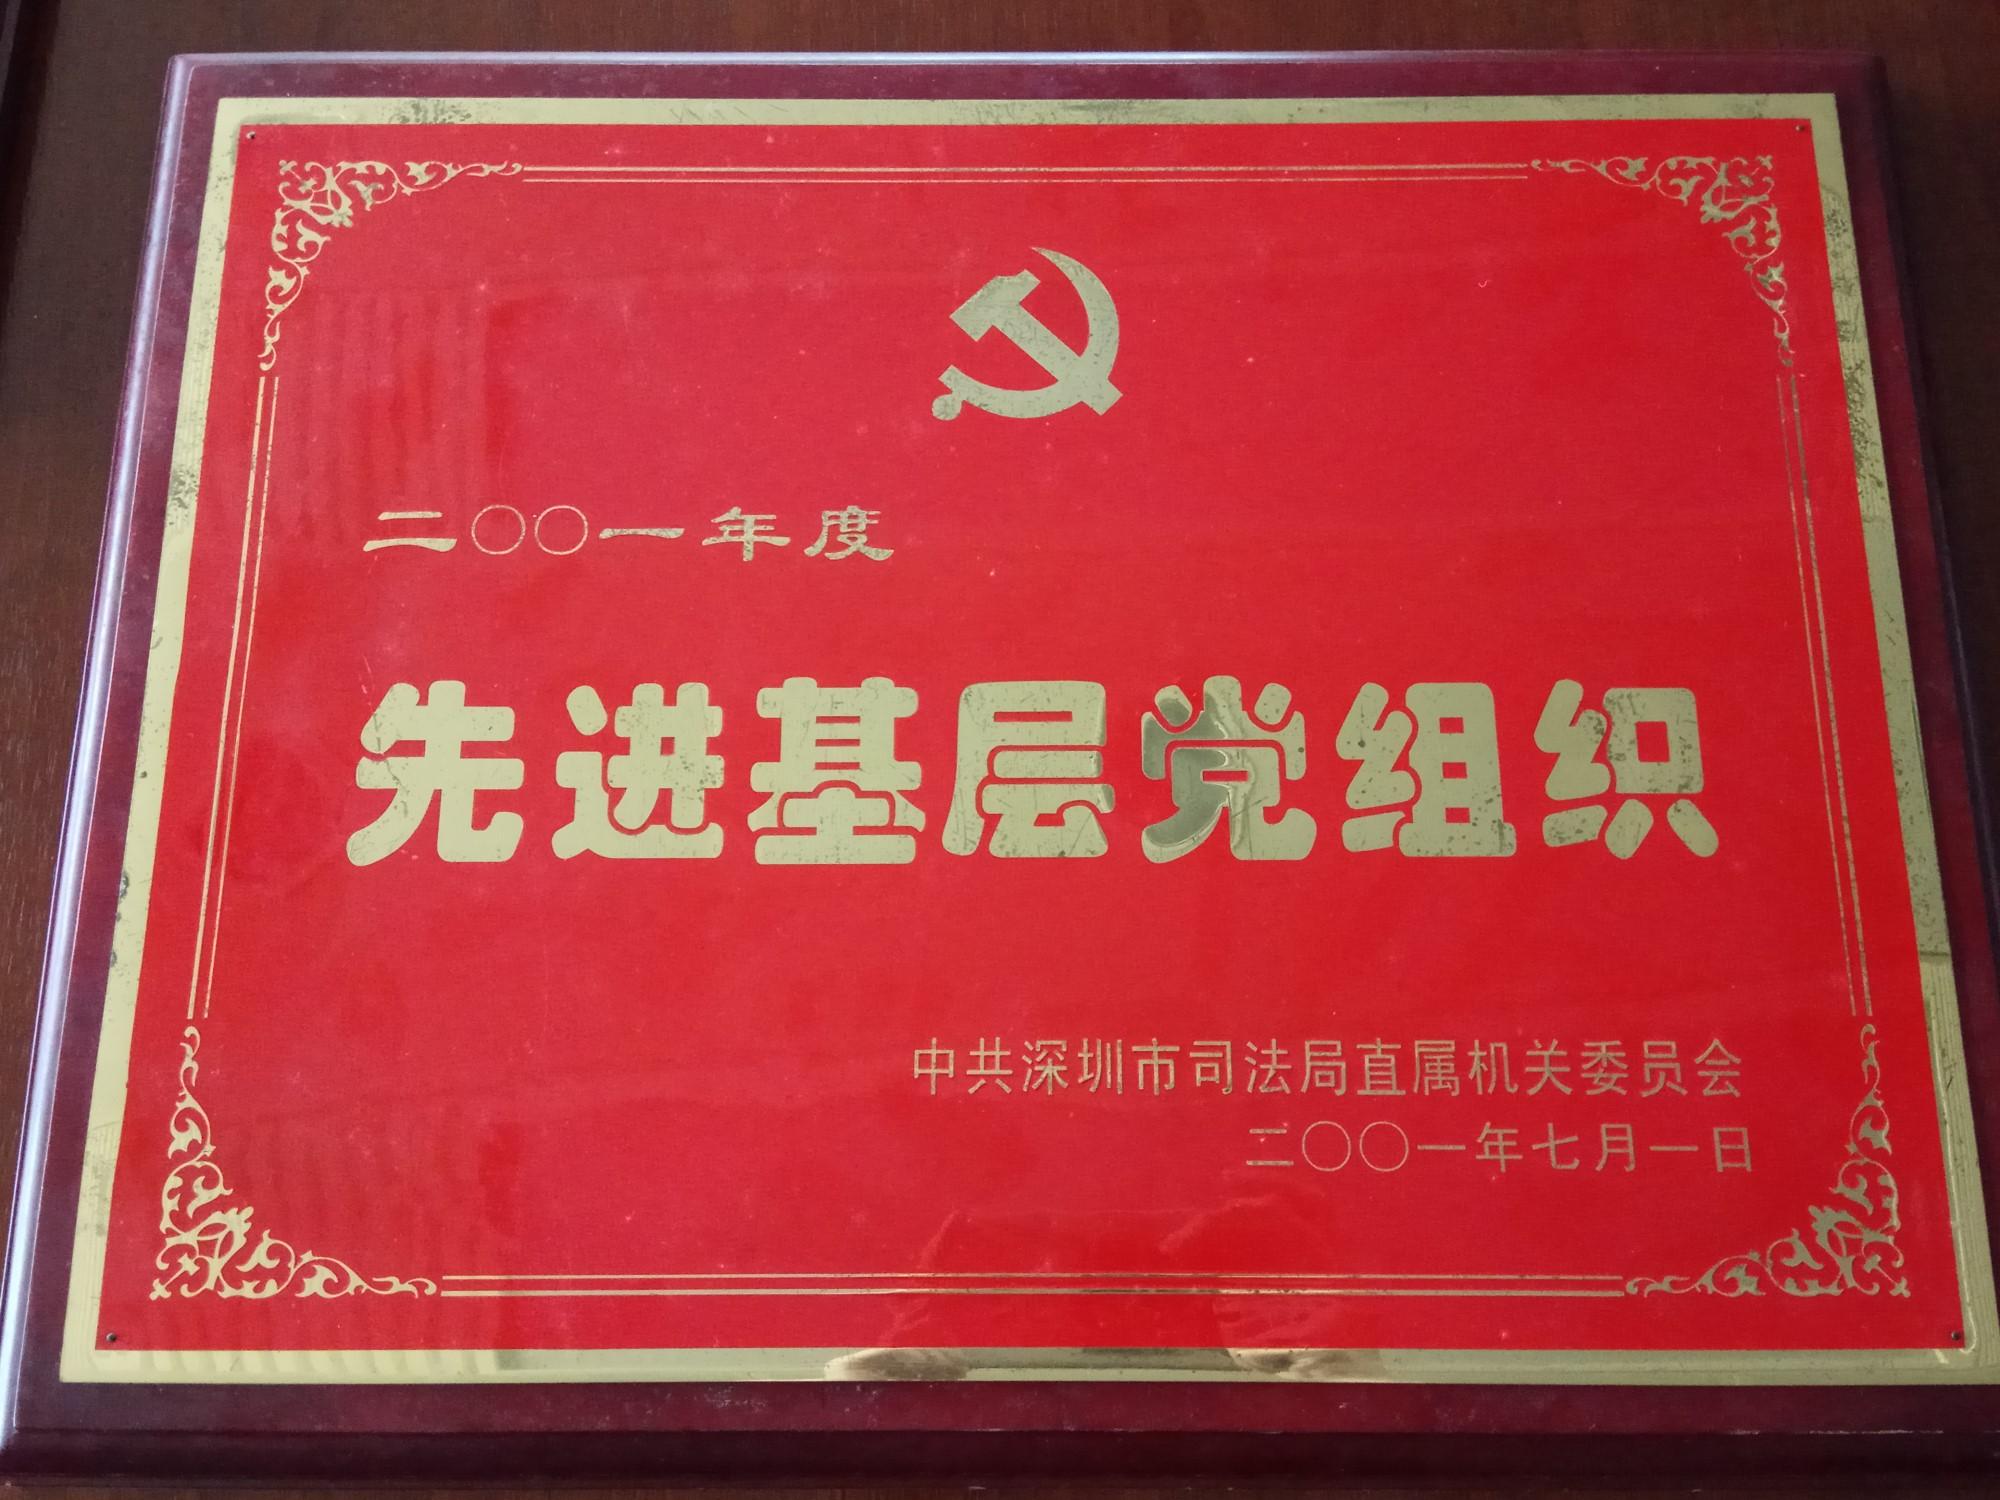 2001先进基层党组织